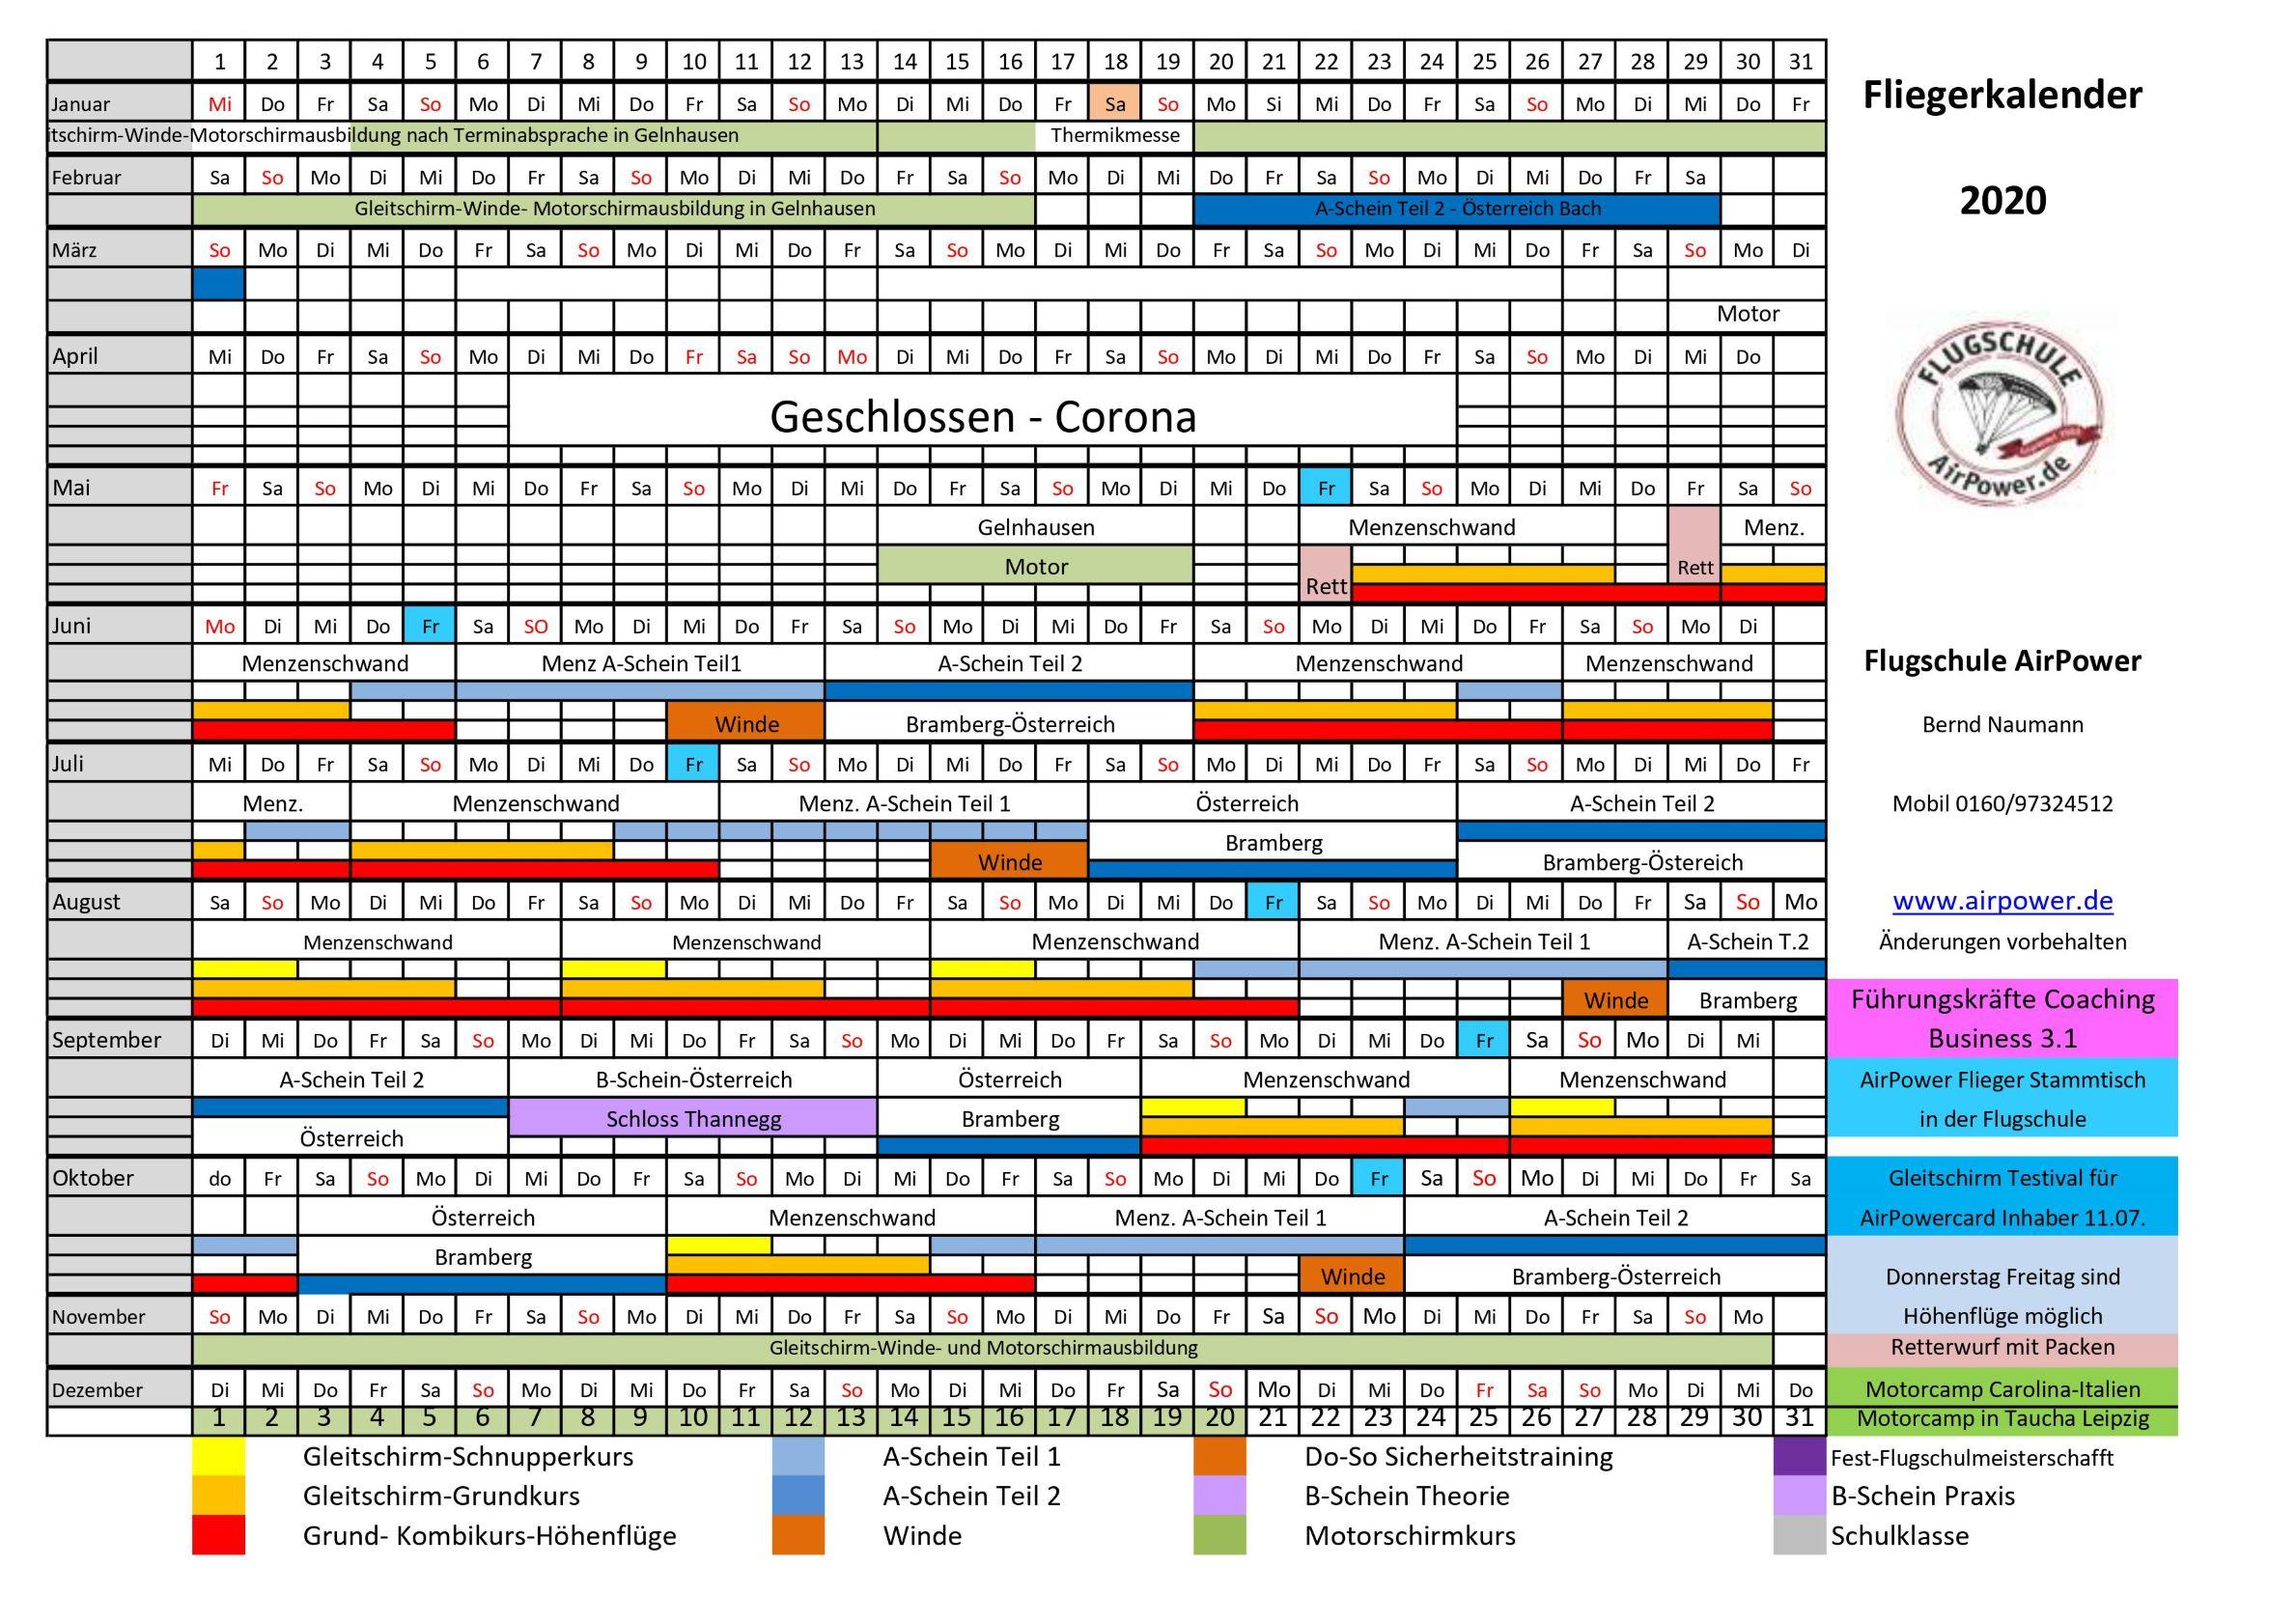 Fliegerkalender d 2020